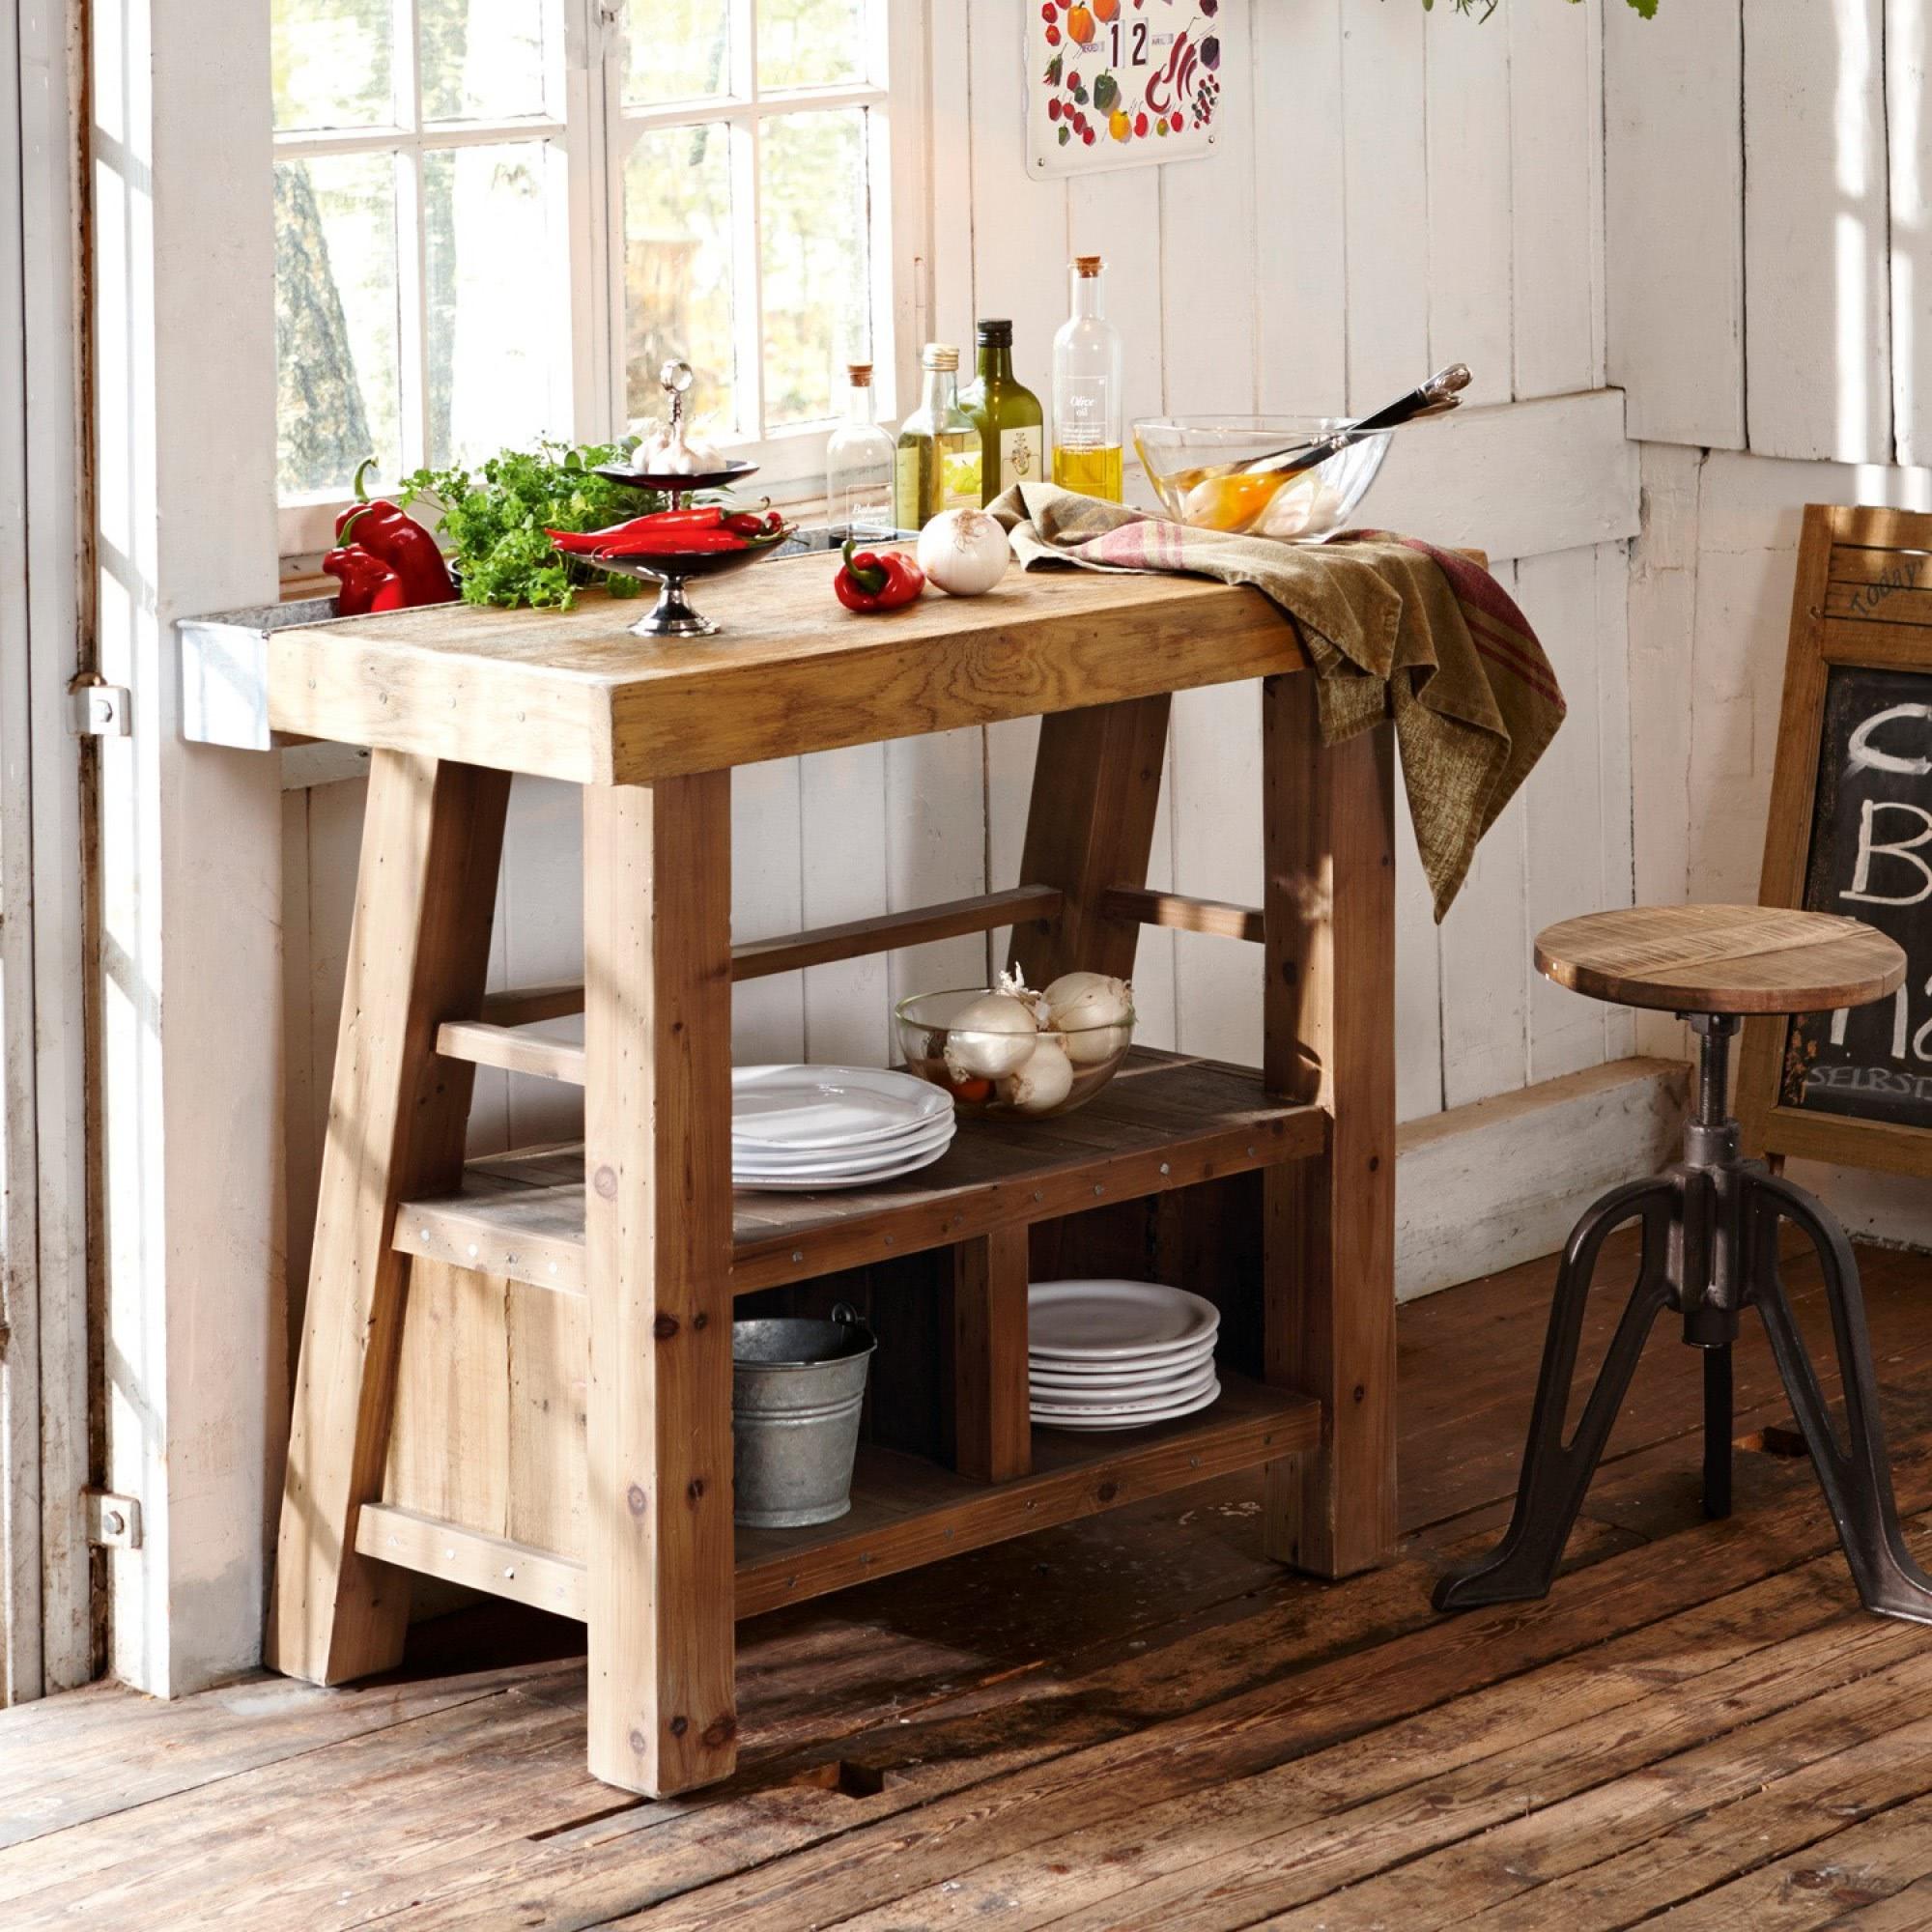 Full Size of Beeketal Zerlegetisch Kche Arbeitstisch Gastro Tisch Wohnzimmer Beeketal Zerlegetisch